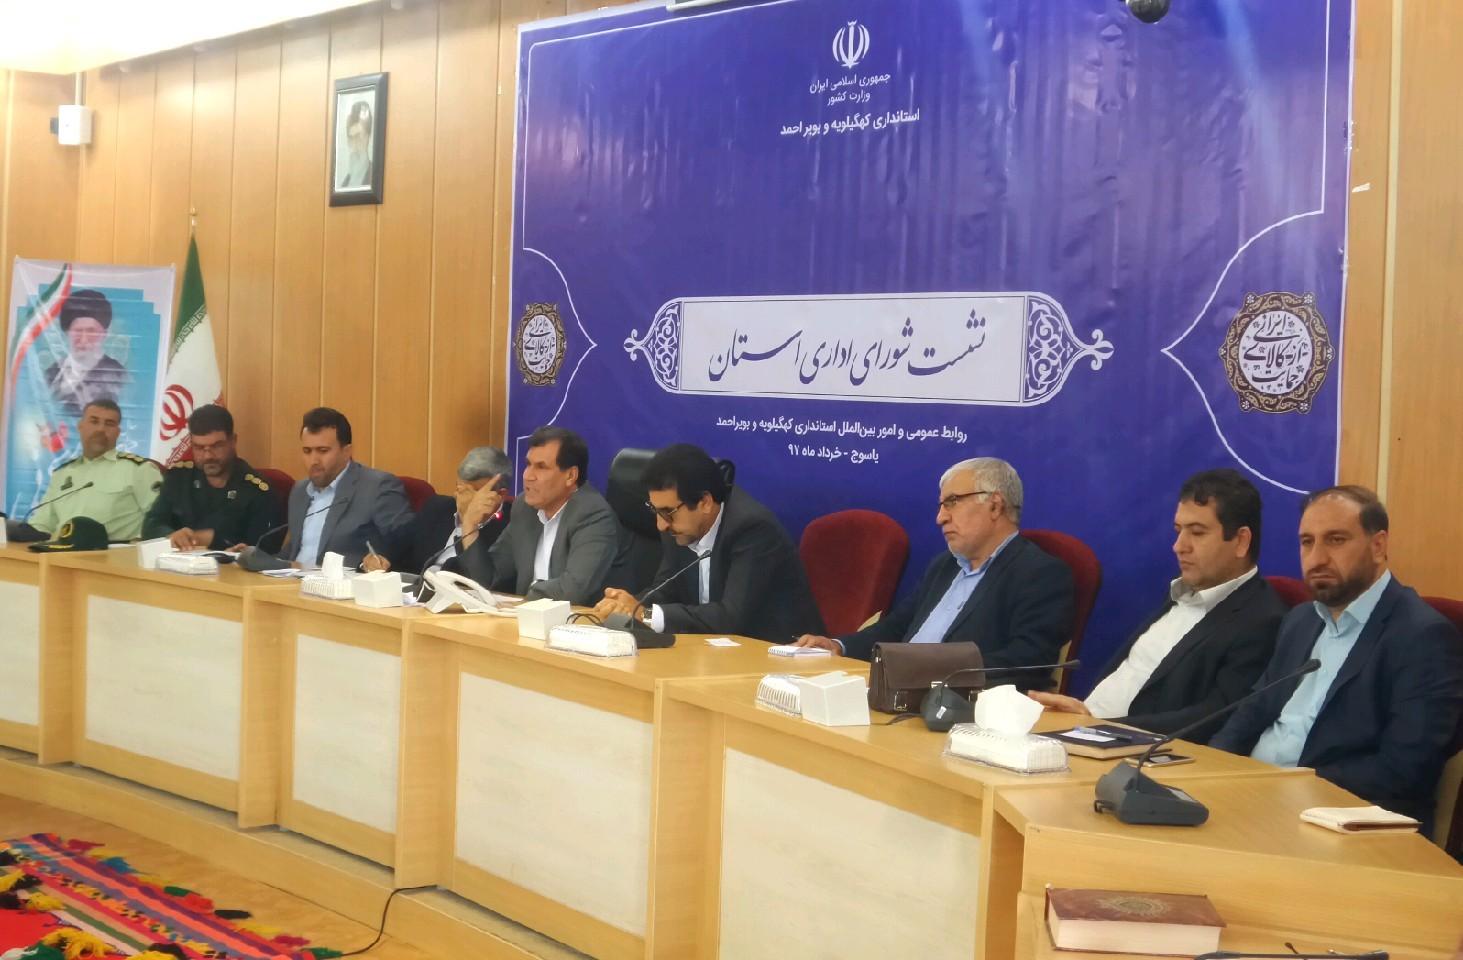 تاکید استاندار بر مدیریت جهادی در تمامی دستگاههای اجرایی استان